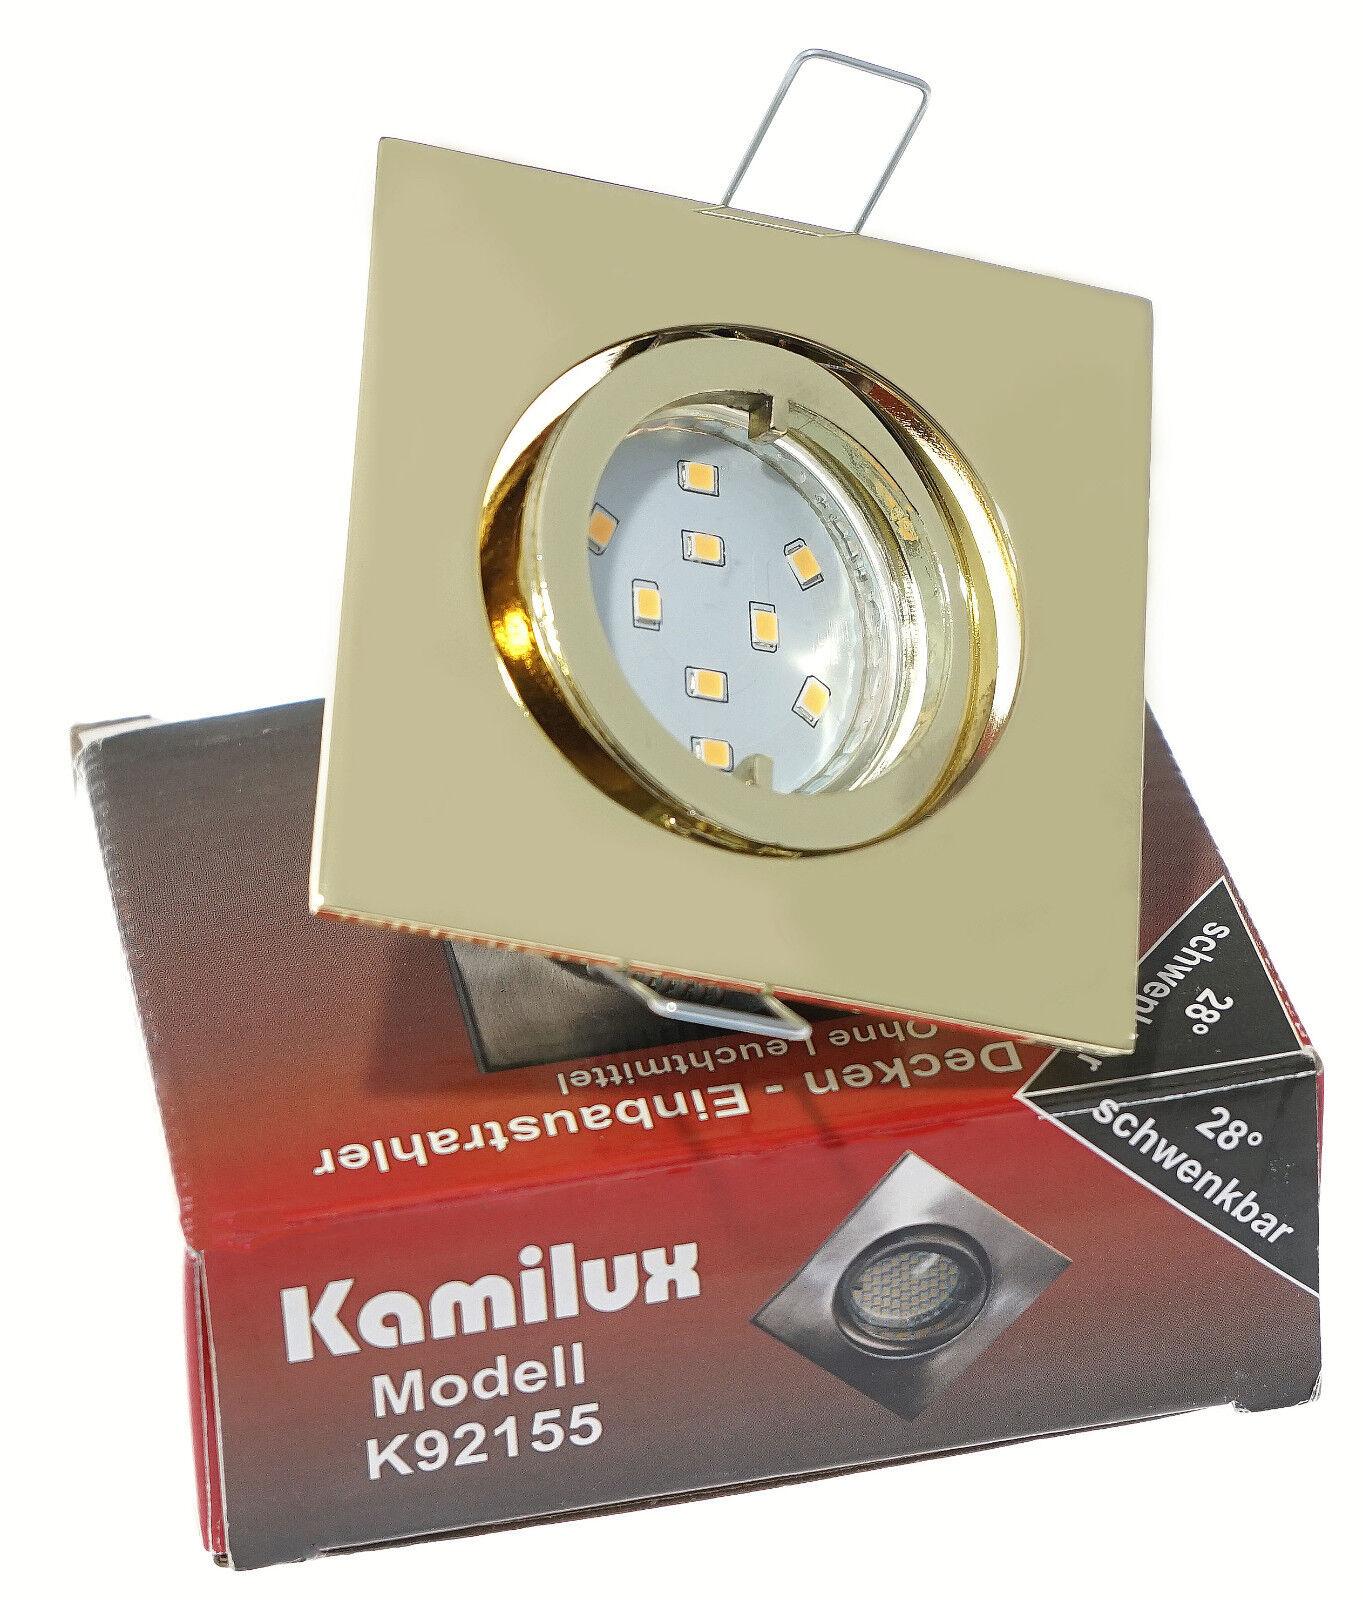 Einbaulampe Louis Gold GU10 10er SMD Power LED 3W  25W 230V   | Die Königin Der Qualität  | Niedriger Preis  | Niedriger Preis